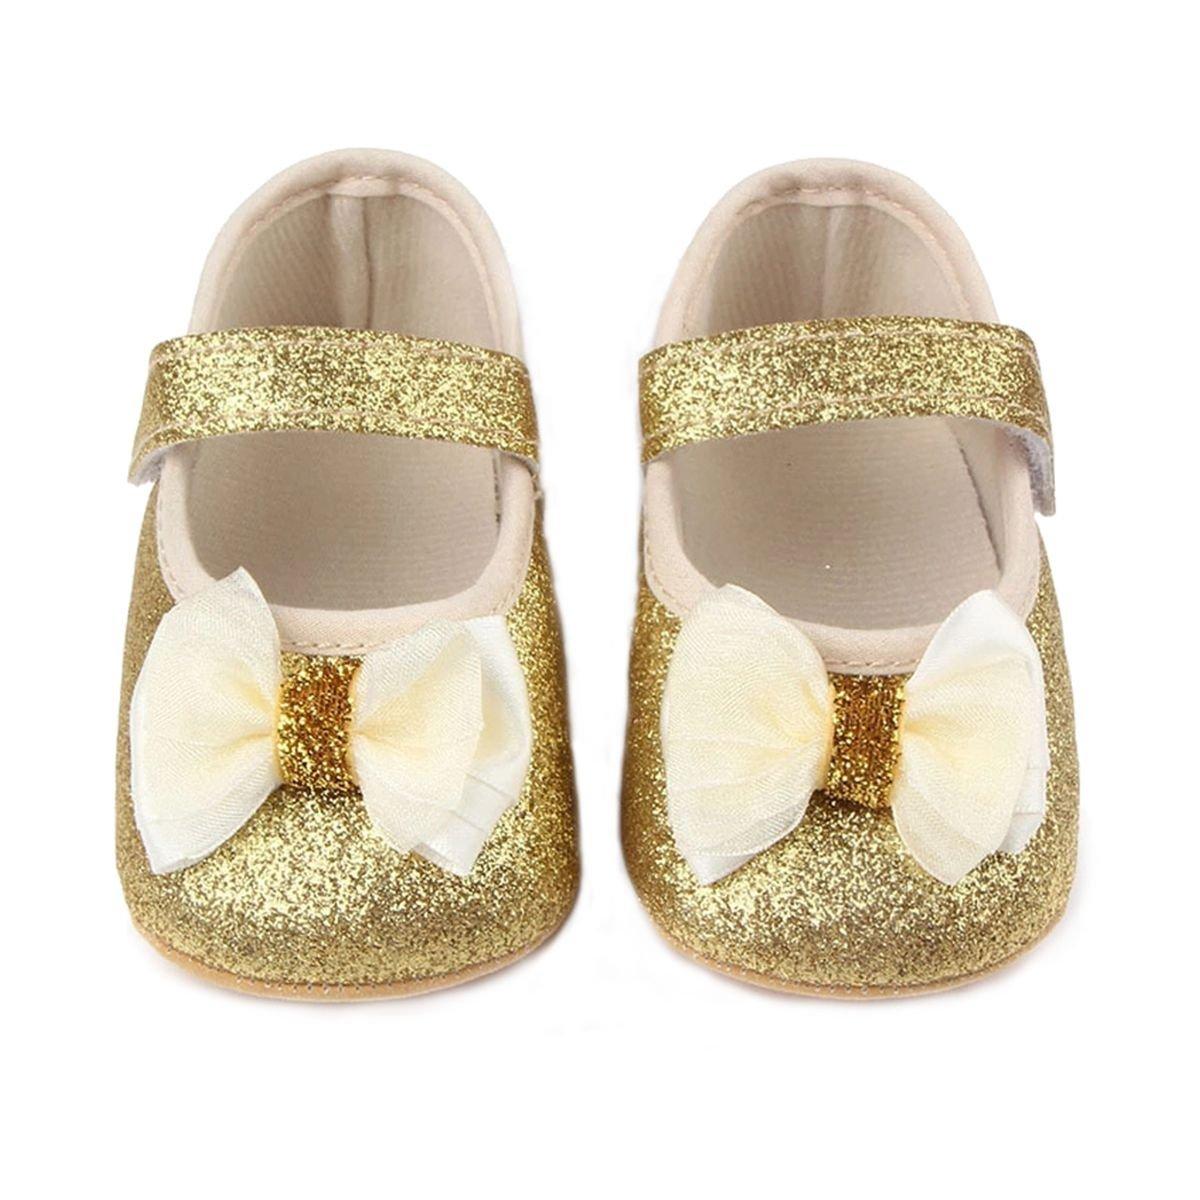 M2cbridge Baby Girl's Bow Dress Shoe Infant Toddler Pre-walker Crib Shoe (0-6 Months, Fine Glitter B)